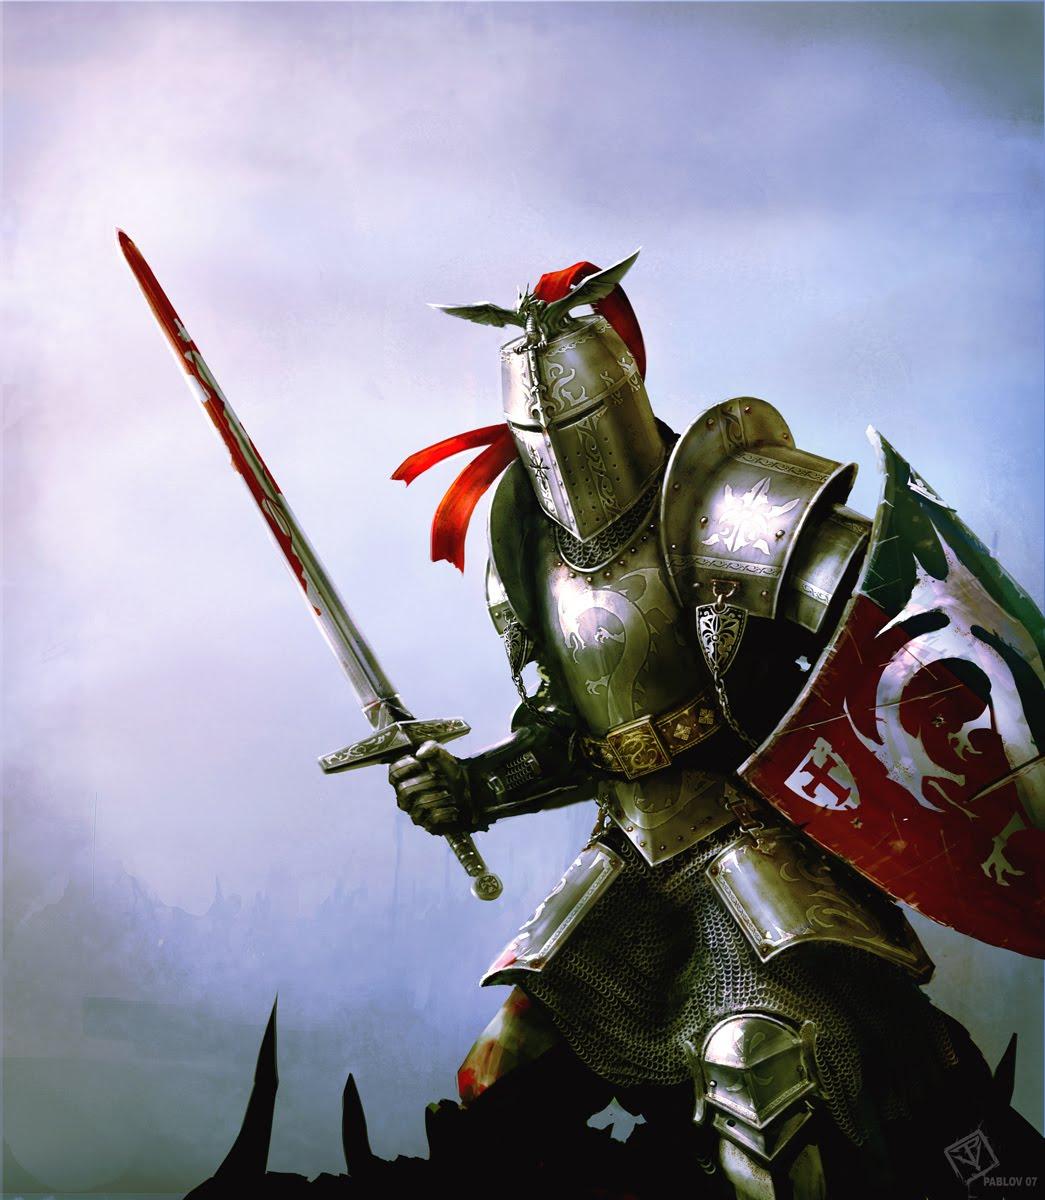 тяжелый рыцарь в доспехах, латы, меч, щить, скачать фото, knight wallpaper, обои на рабочий стол